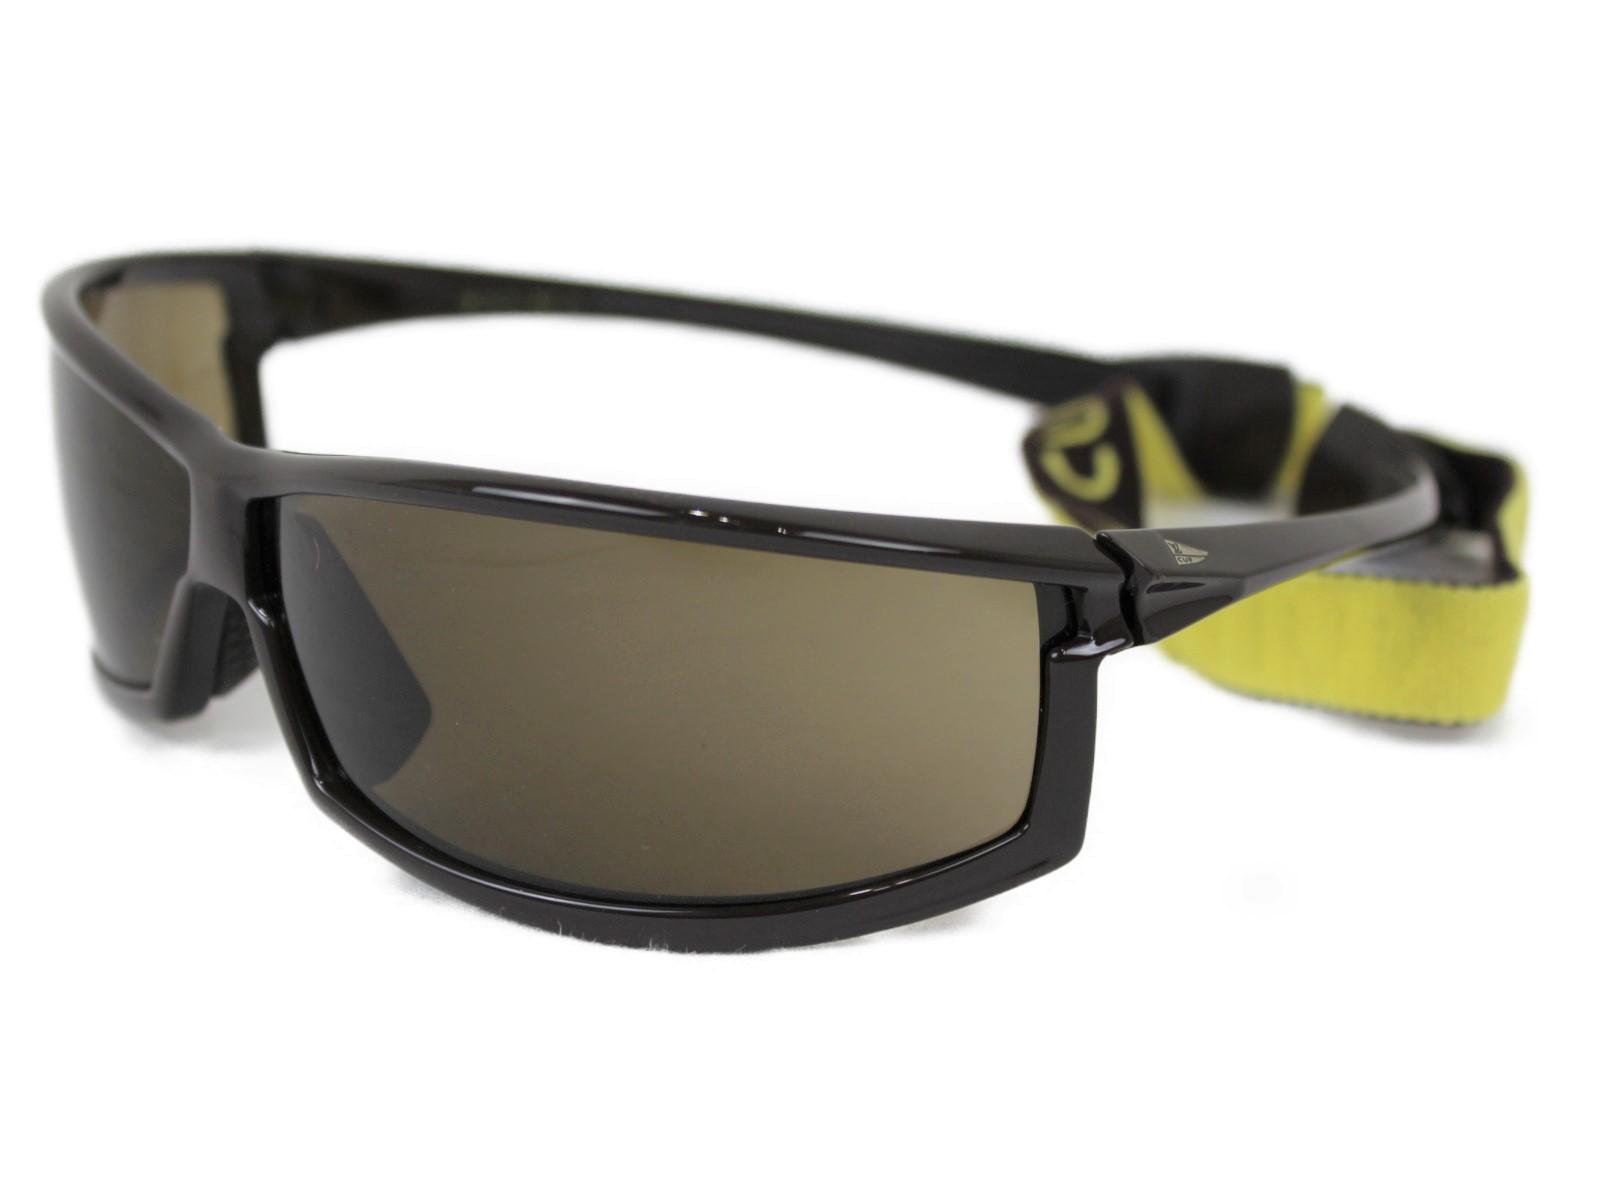 LOUIS VUITTON ルイヴィトン リュネットグラン M80659 ルイヴィトンカップ  メンズ レディース ウィメンズ ユニセックス ブランド 小物 眼鏡 かっこいい 珍しい 【中古】